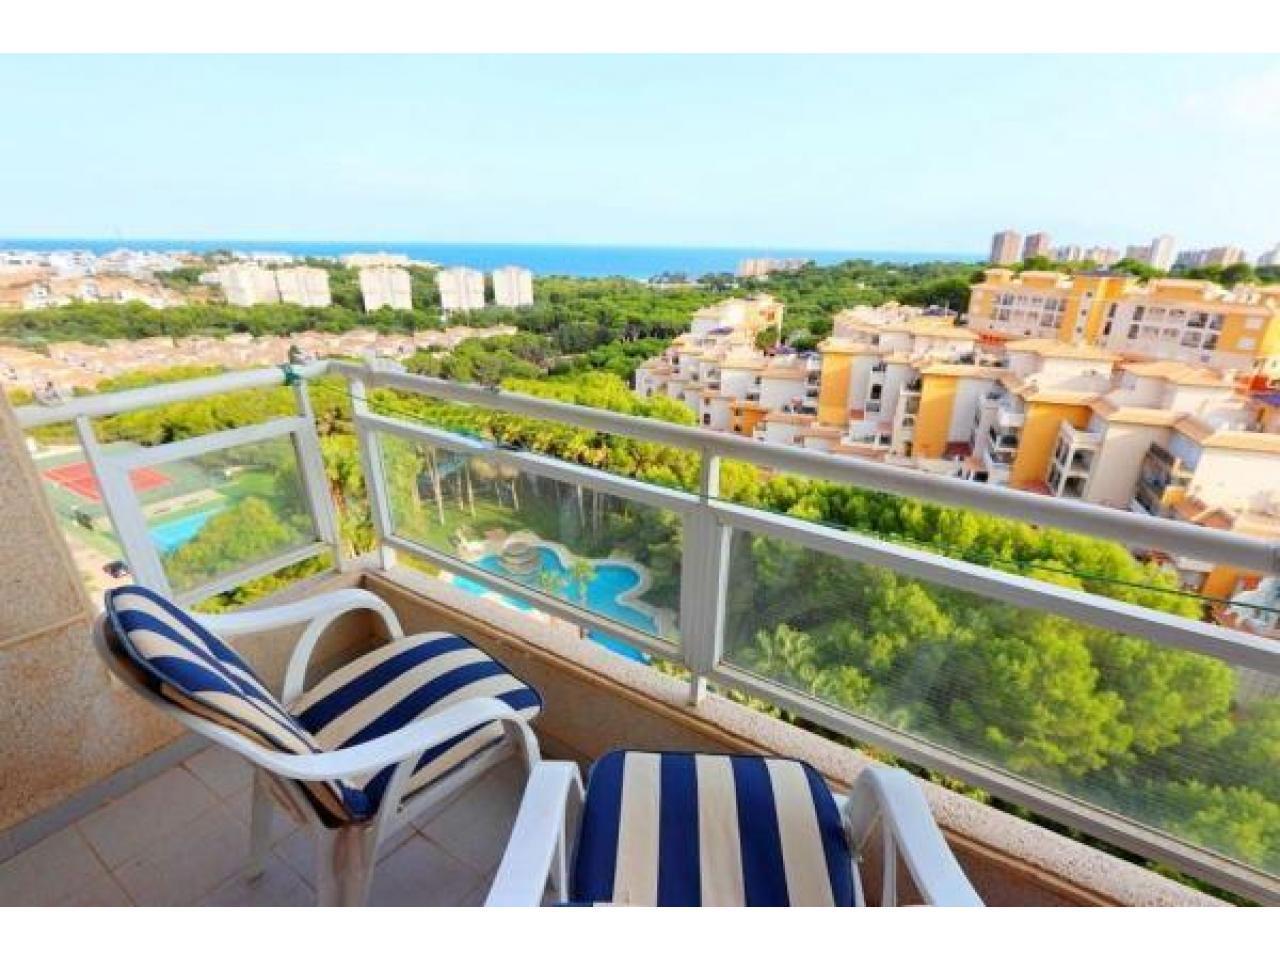 Недвижимость в Испании, Квартира с видами на море в Кампоамор,Коста Бланка,Испания - 1